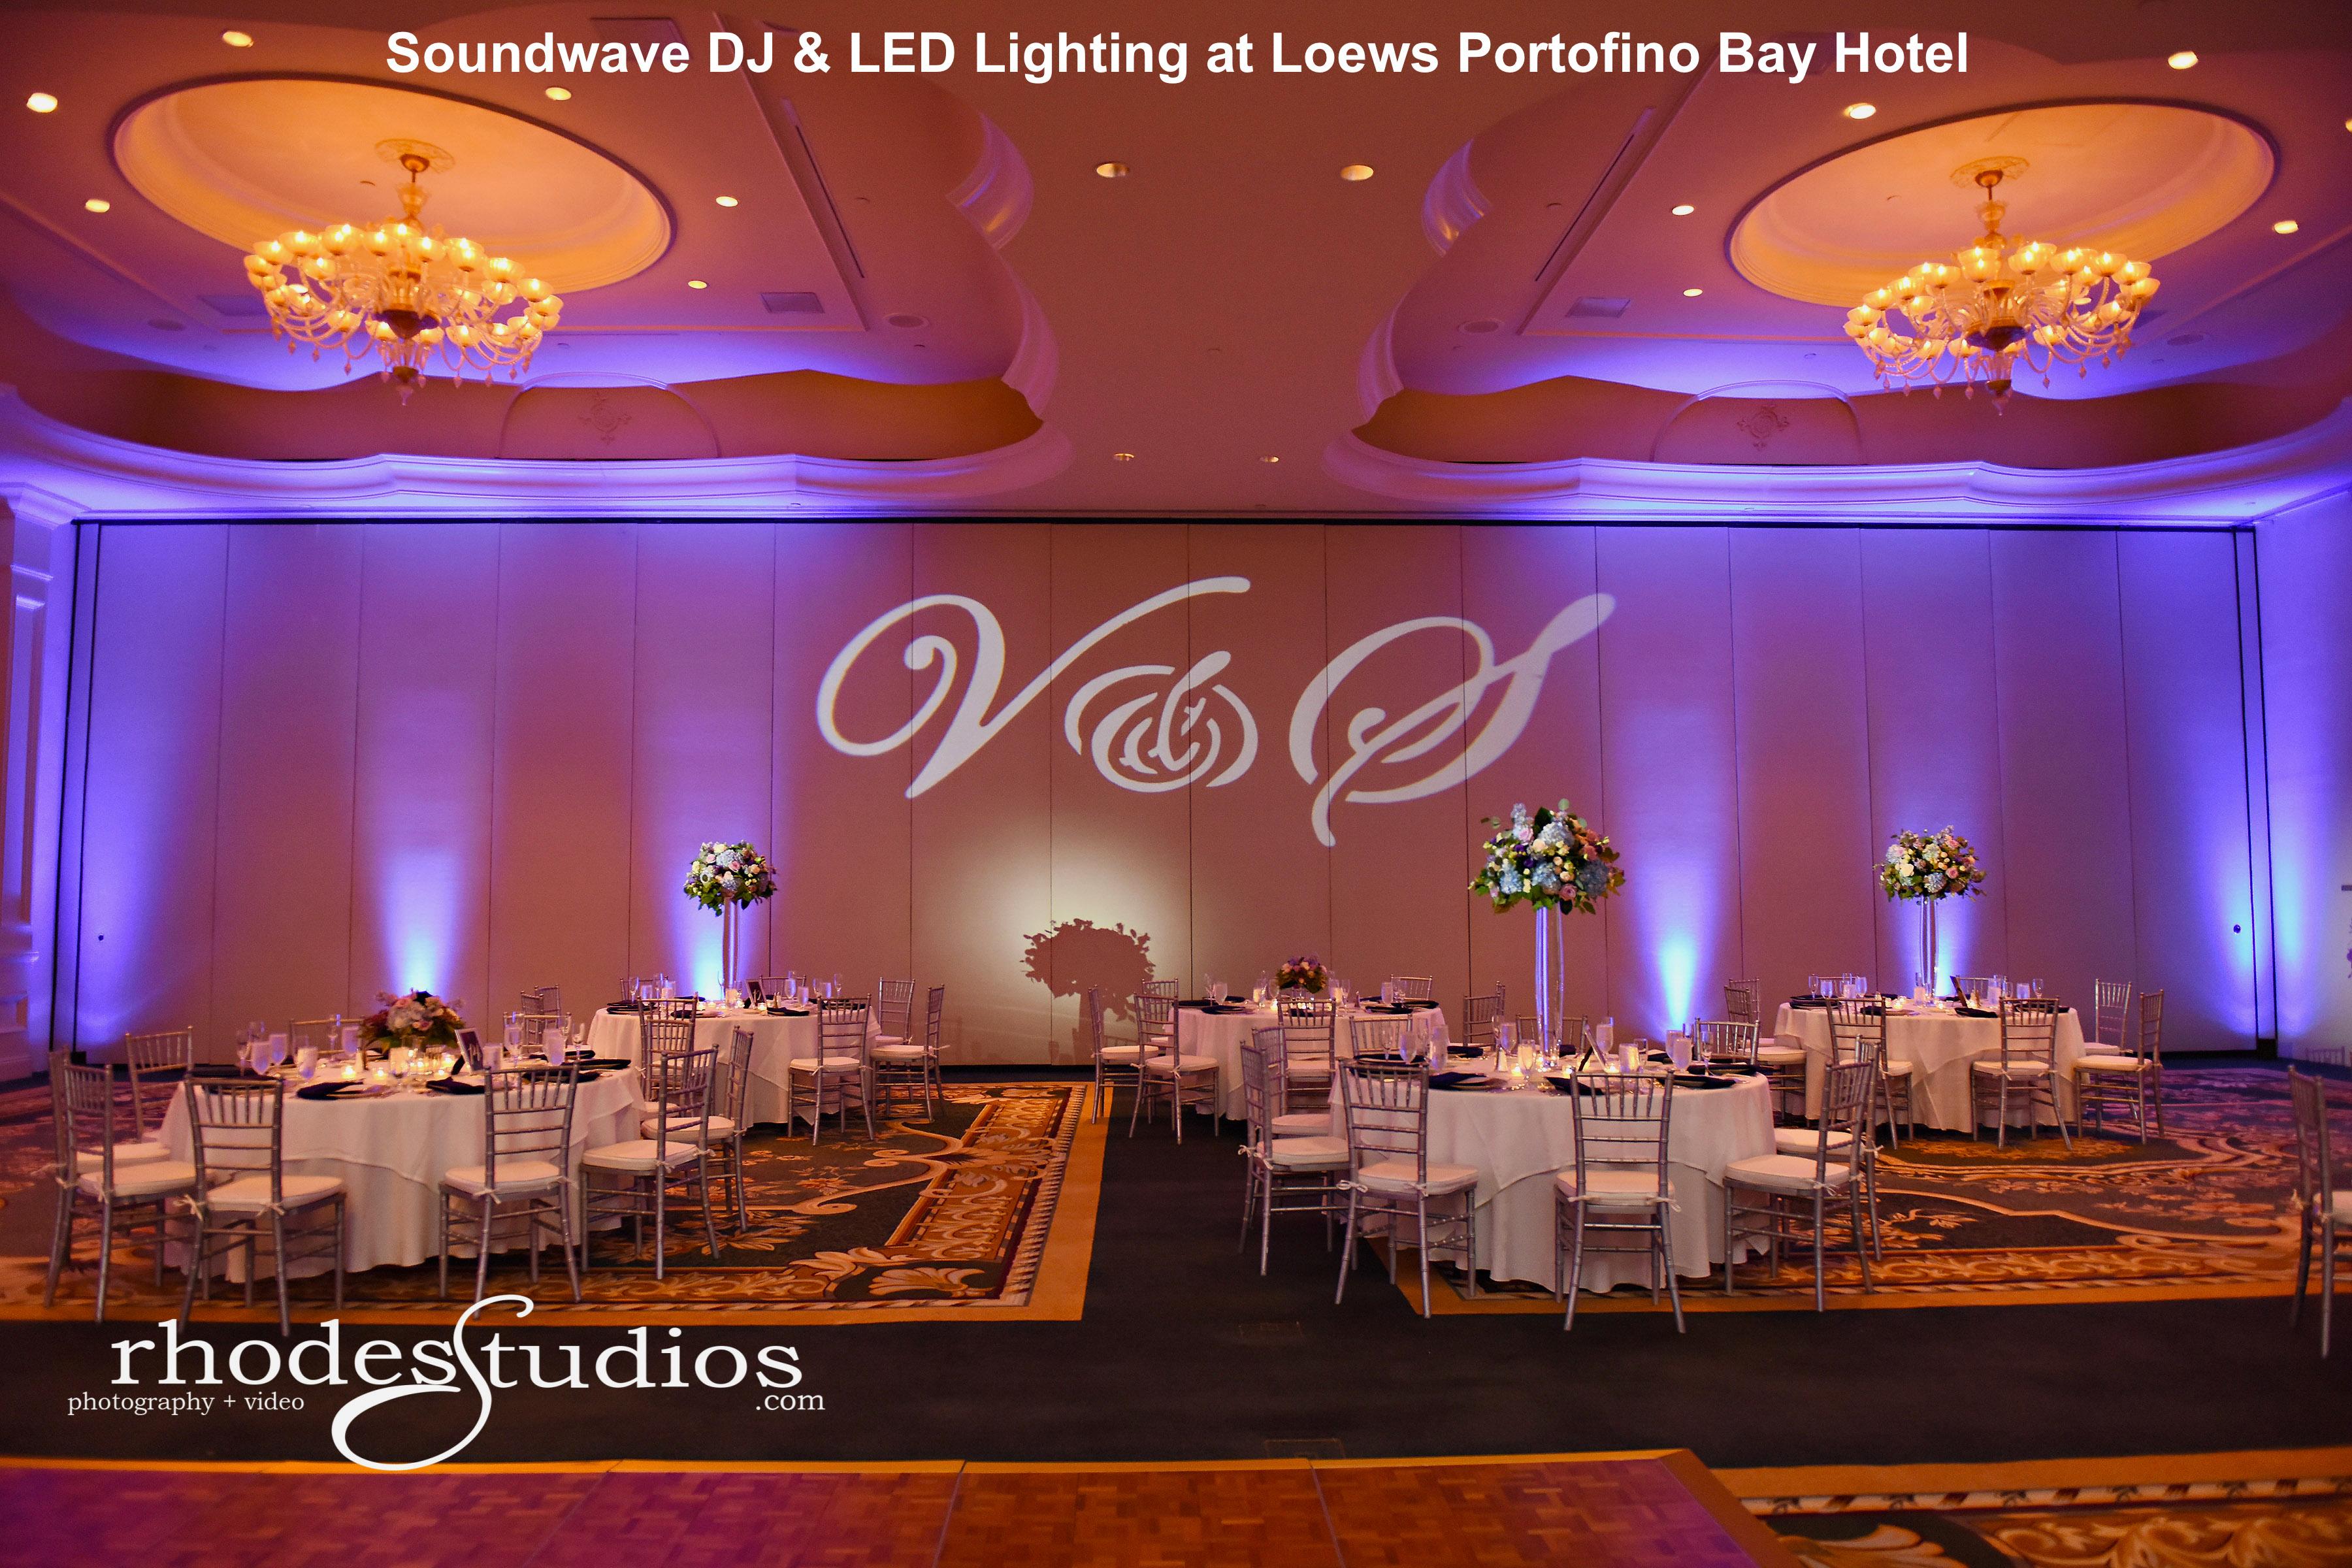 portofino bay orlando hotel - led lighting - orlando wedding dj - orlando wedding venue - orlando, fl